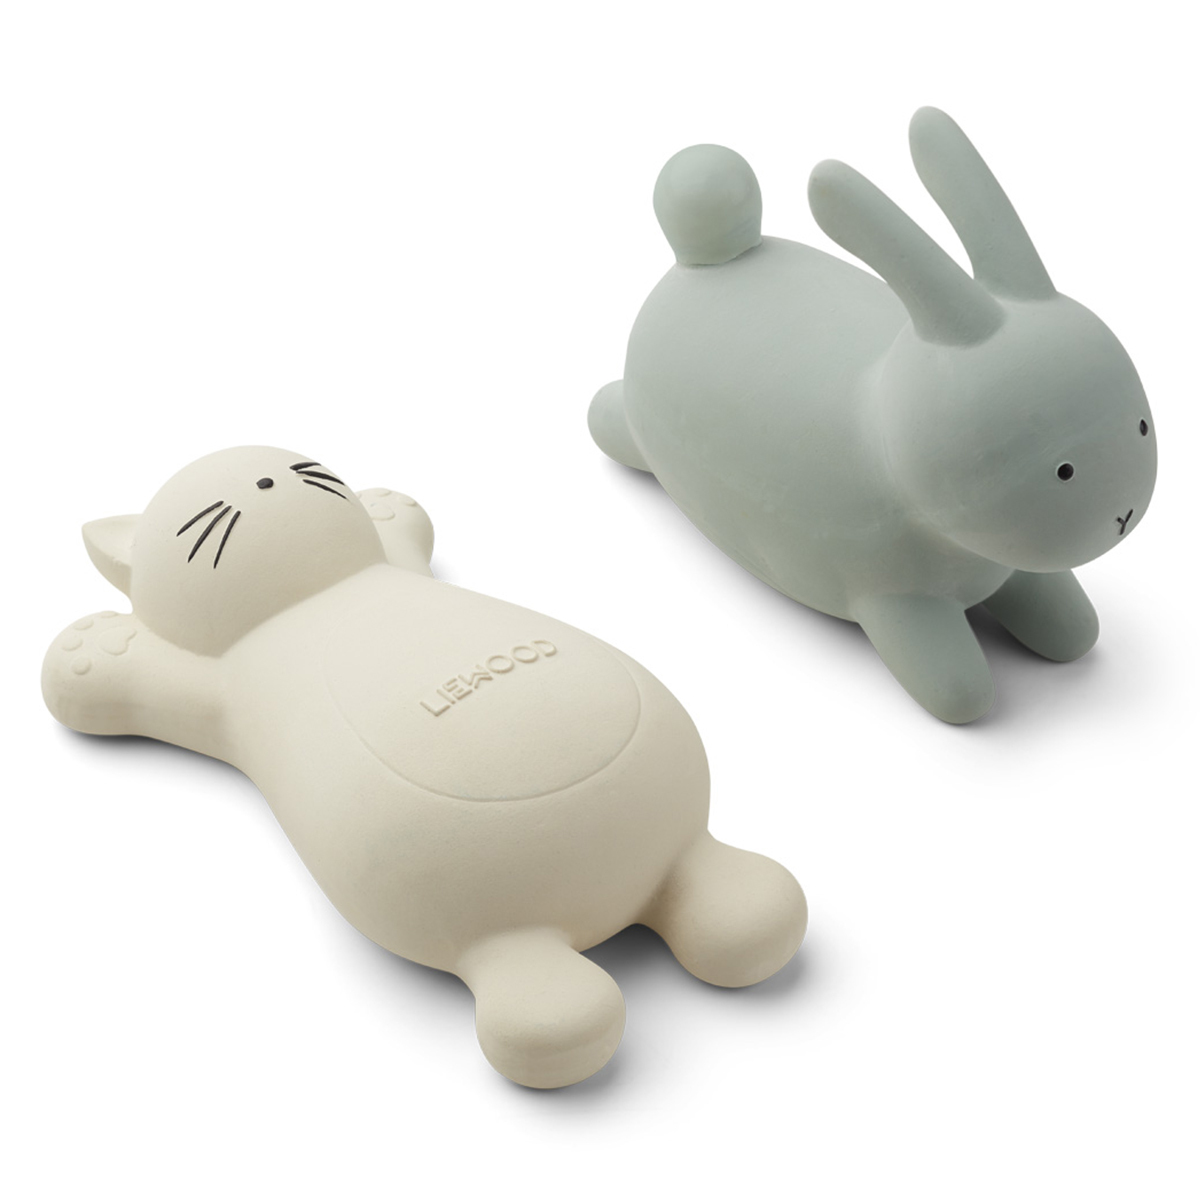 Mes premiers jouets Jouets de Bain Vikky Rabbit Dusty Mint & Cat Crème de la Crème